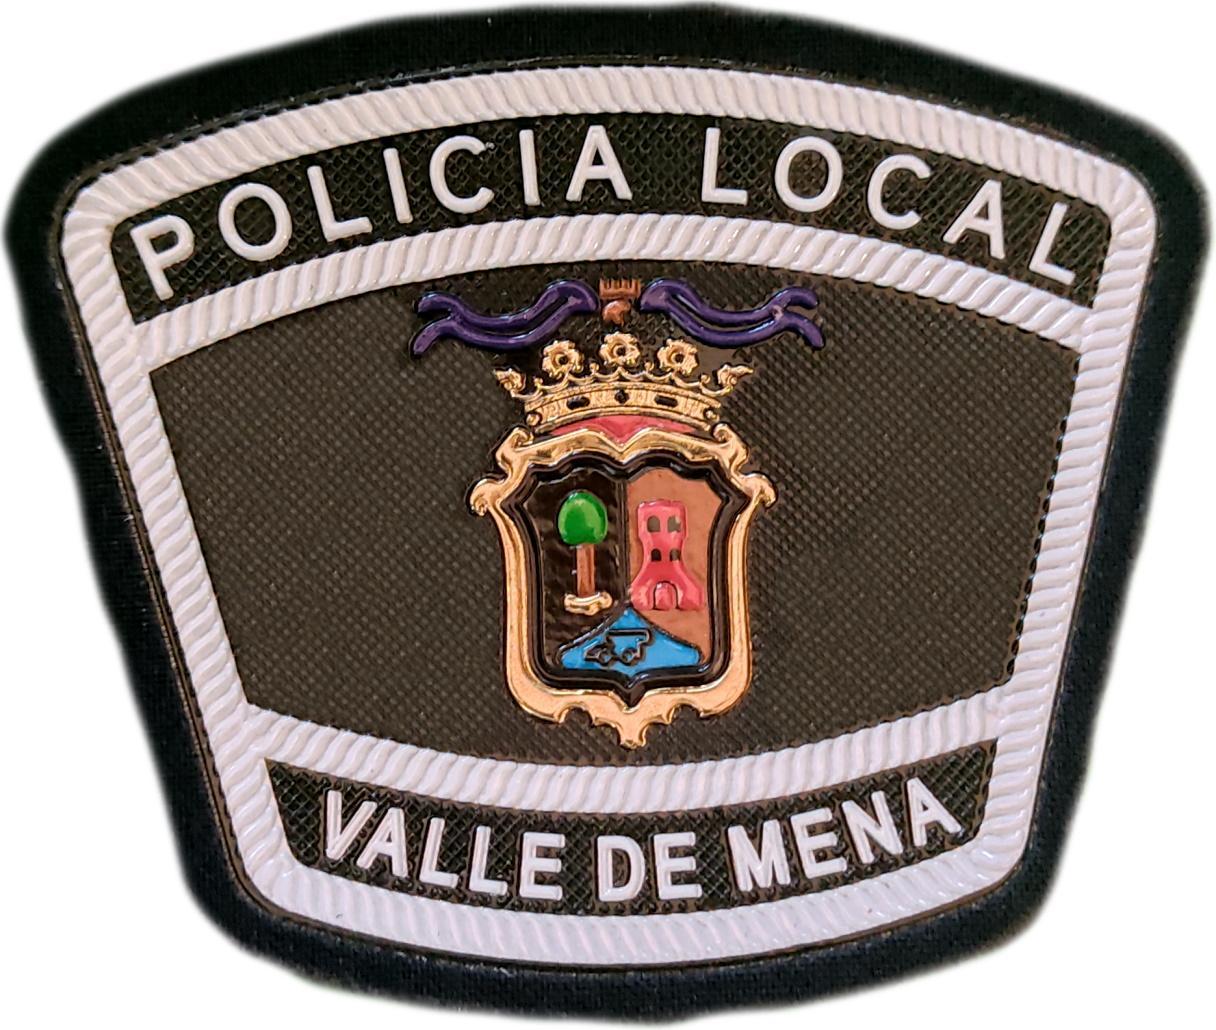 Policía Local Valle de Mena Burgos parche insignia emblema distintivo